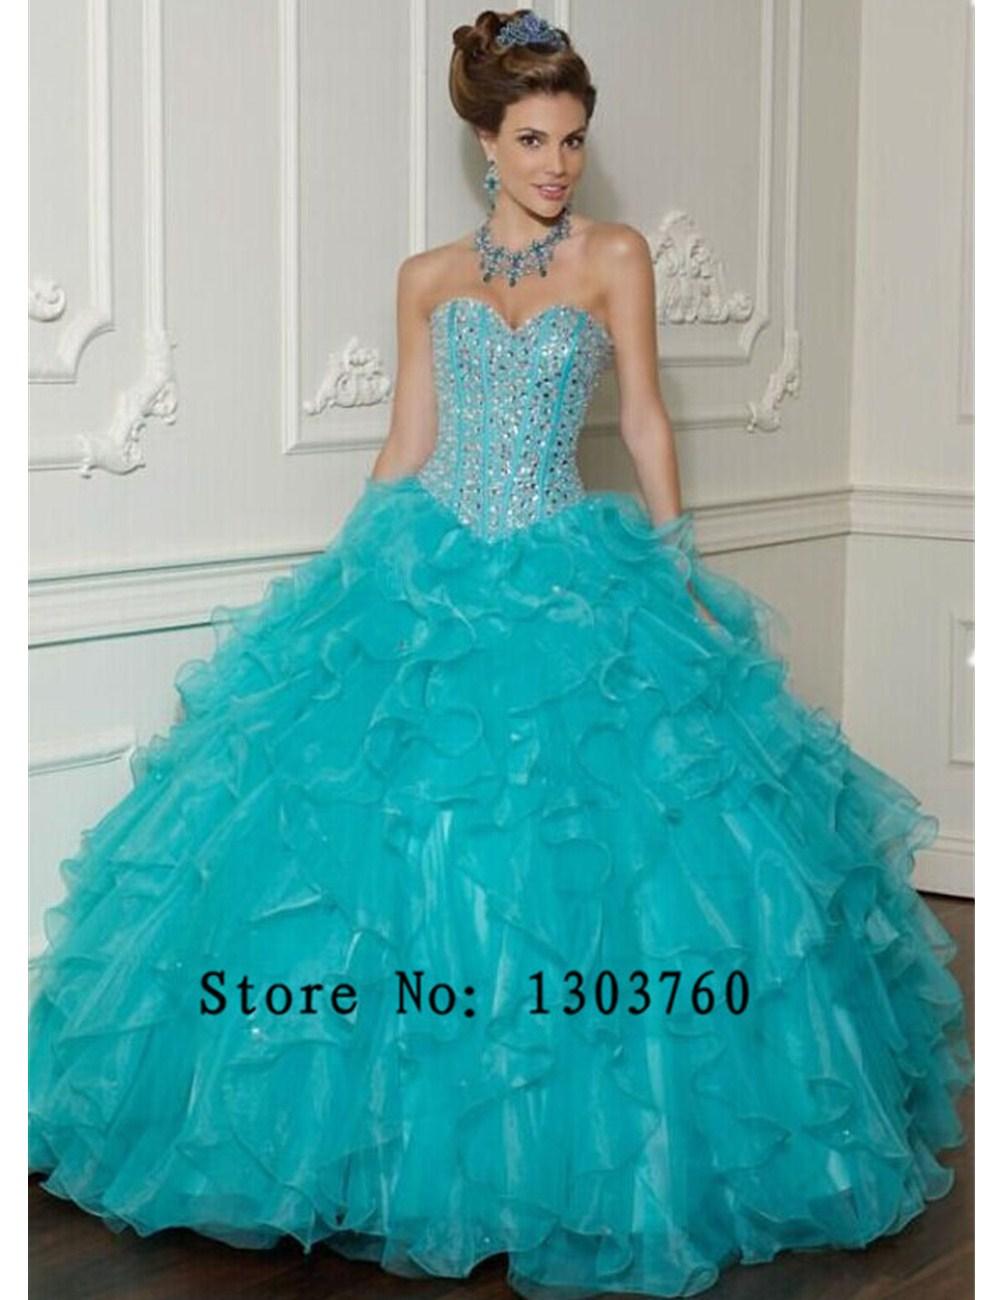 Debutante Dresses Online Shopping